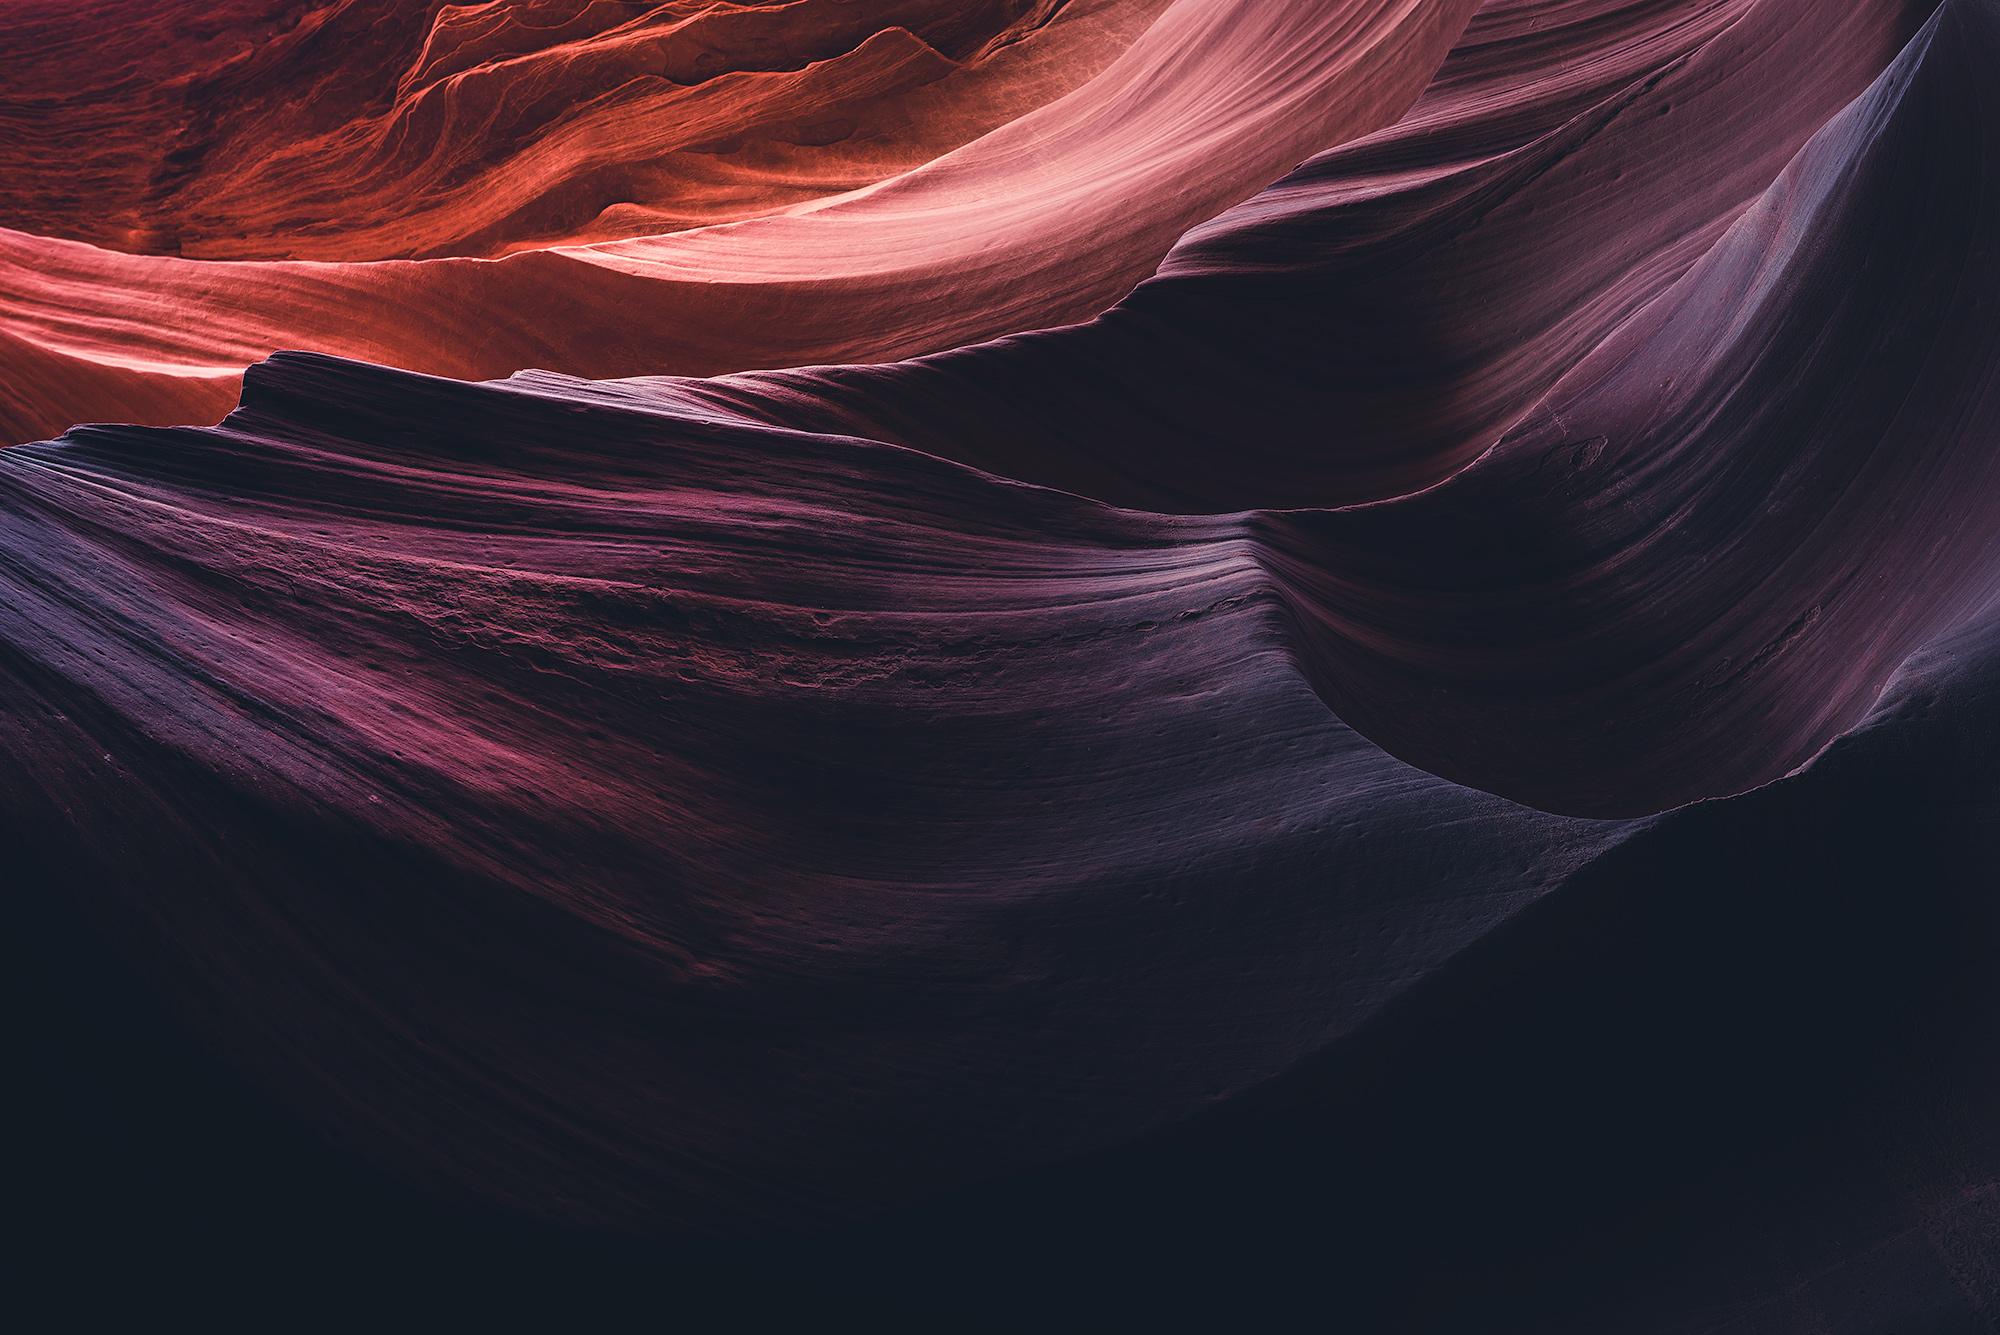 Antelope-7.jpg